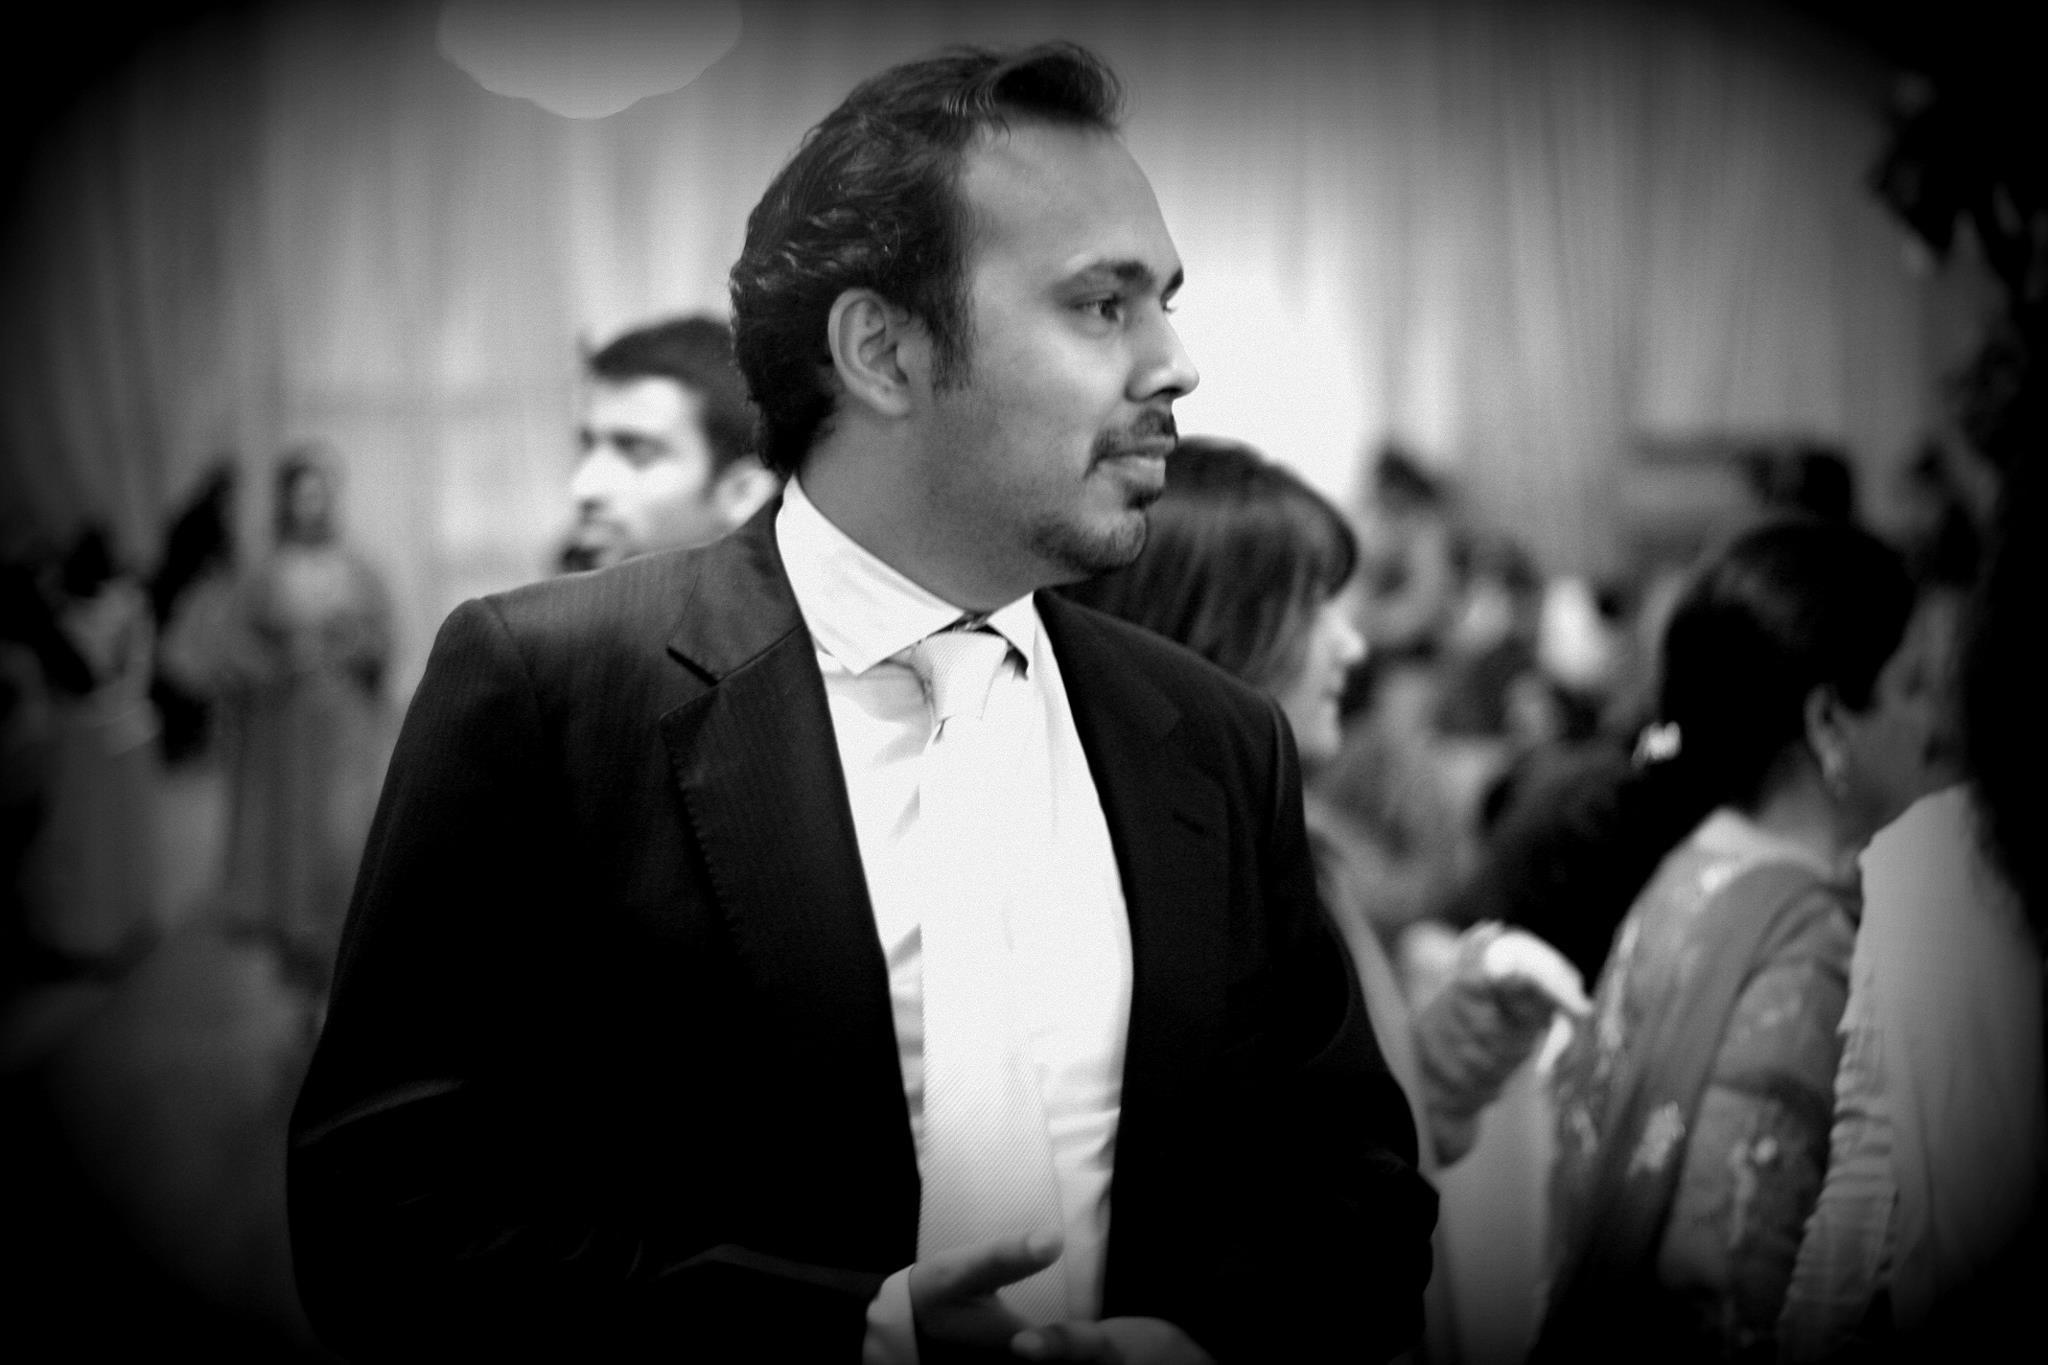 Haroon Malik